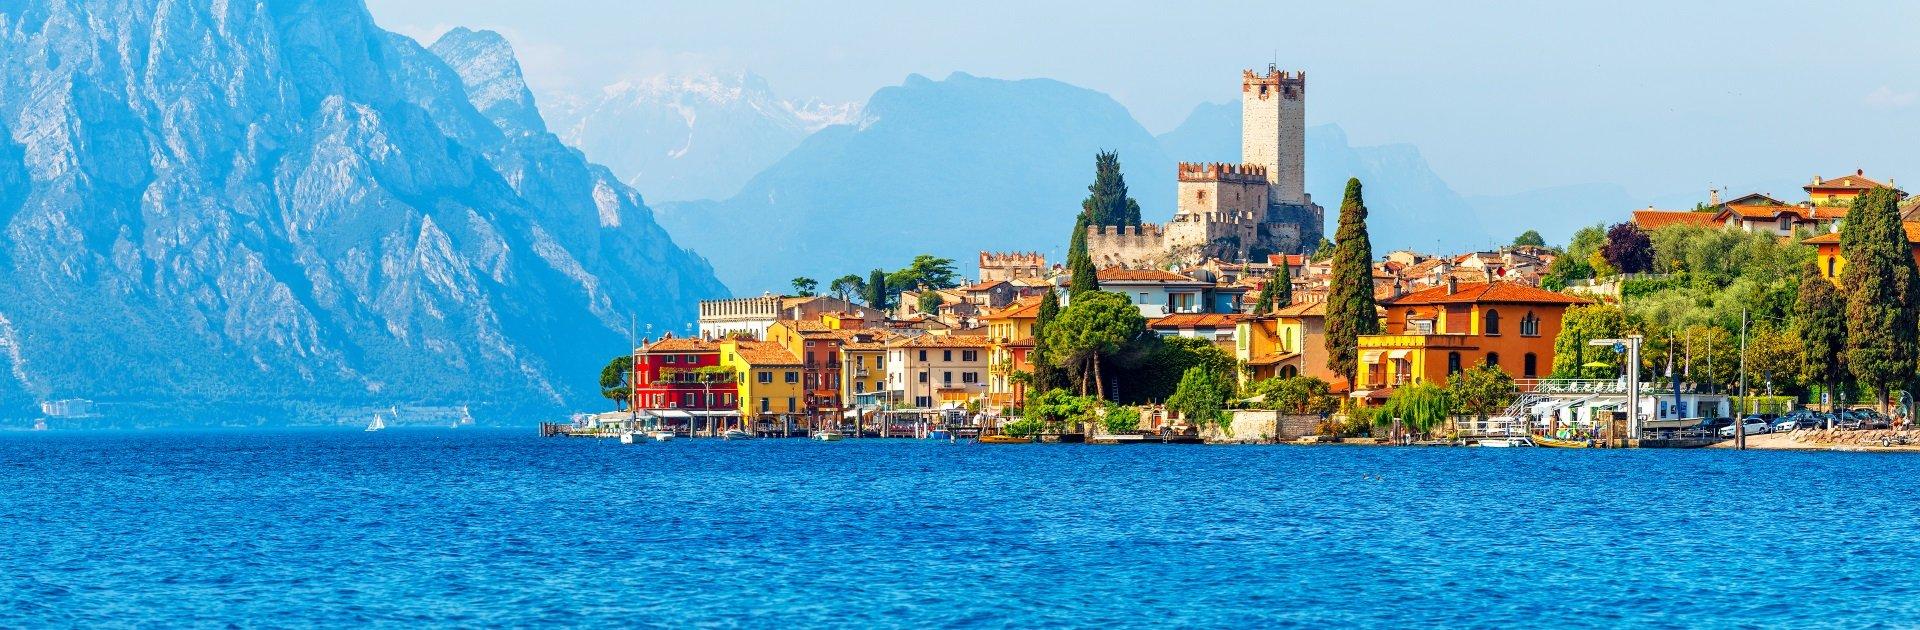 Familienhotels am Gardasee